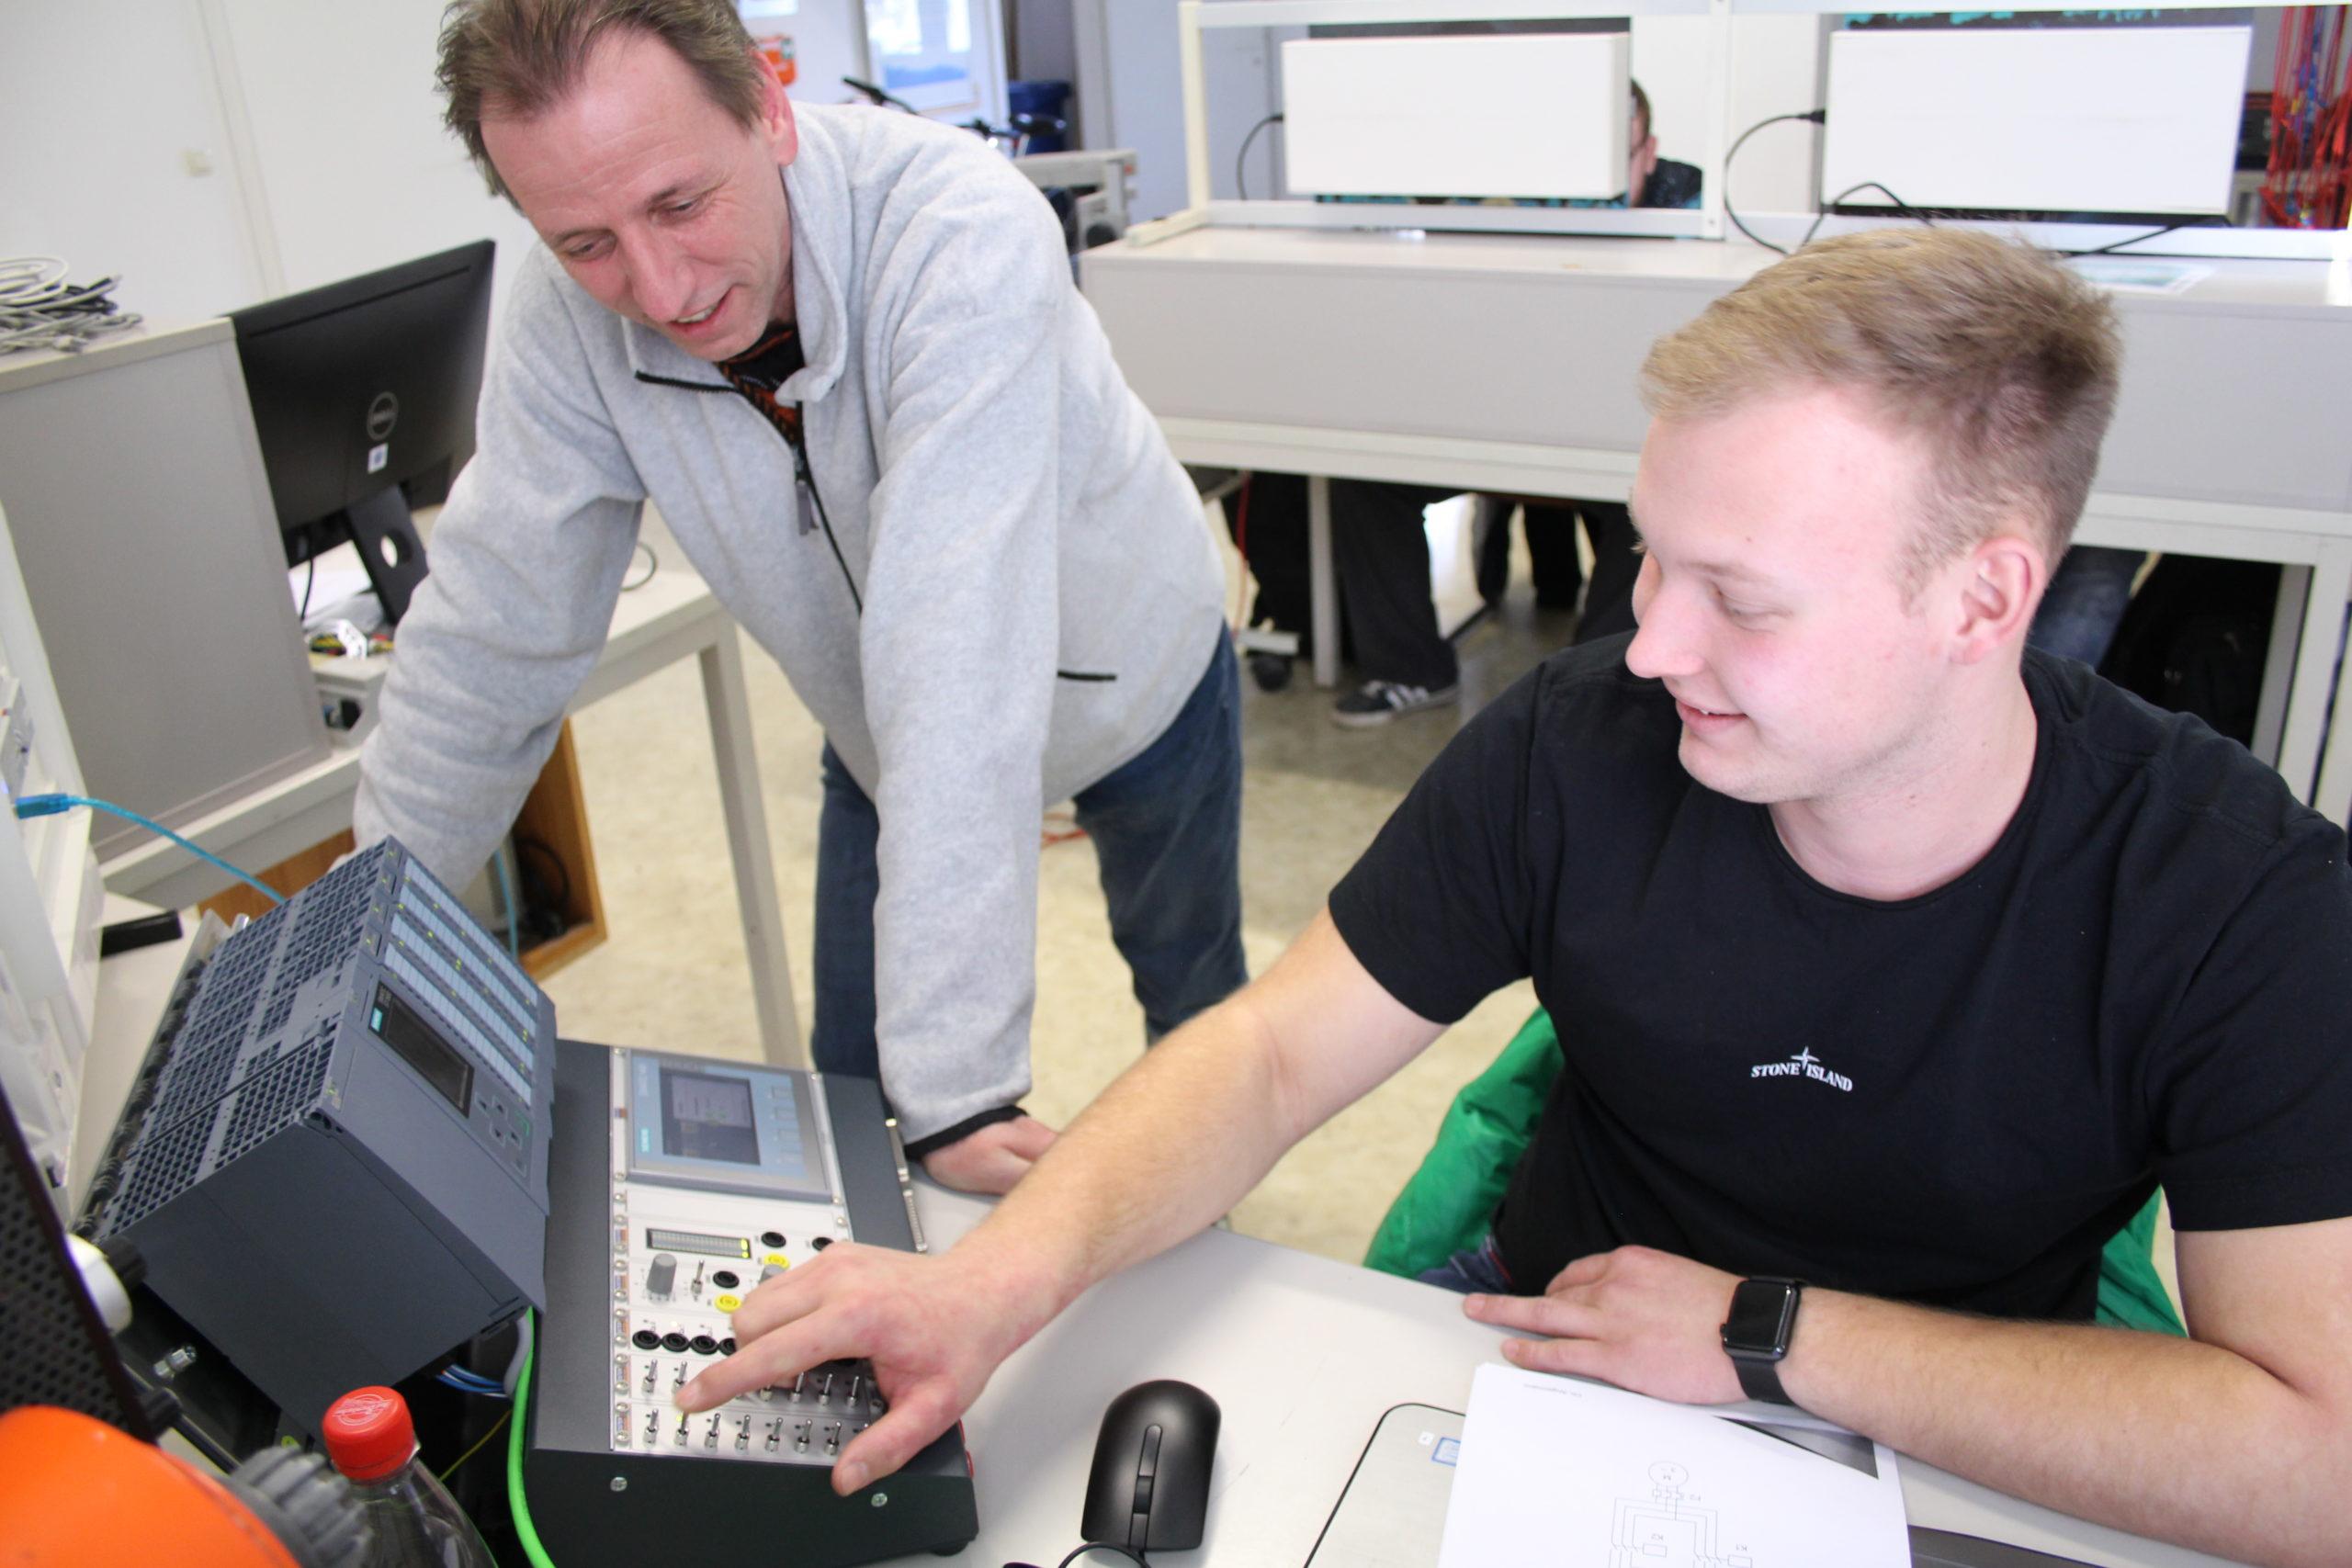 Direkt im Einsatz: Christian Angermann, Ausbildungsleiter Elektro, zeigt den Auszubildenden des dritten Lehrjahres die Möglichkeiten der neuen SPS-Geräte.